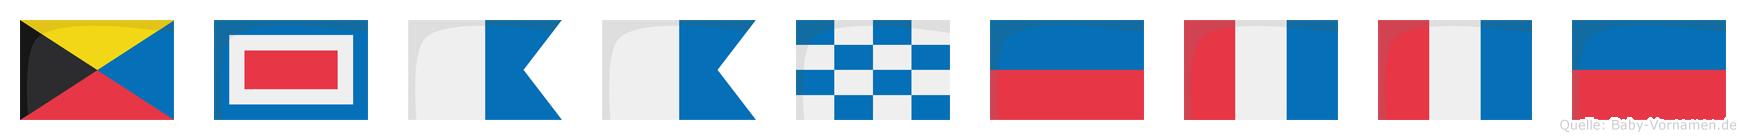 Zwaanette im Flaggenalphabet